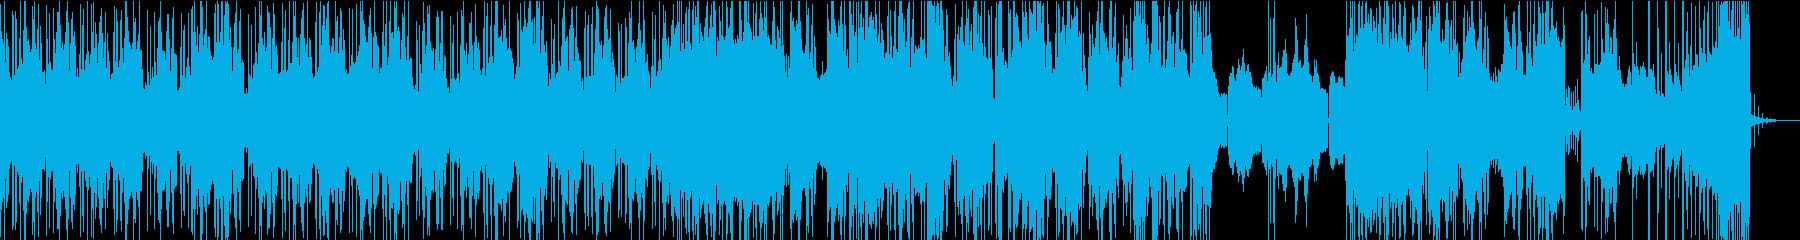 クール エレクトロ シティポップの再生済みの波形